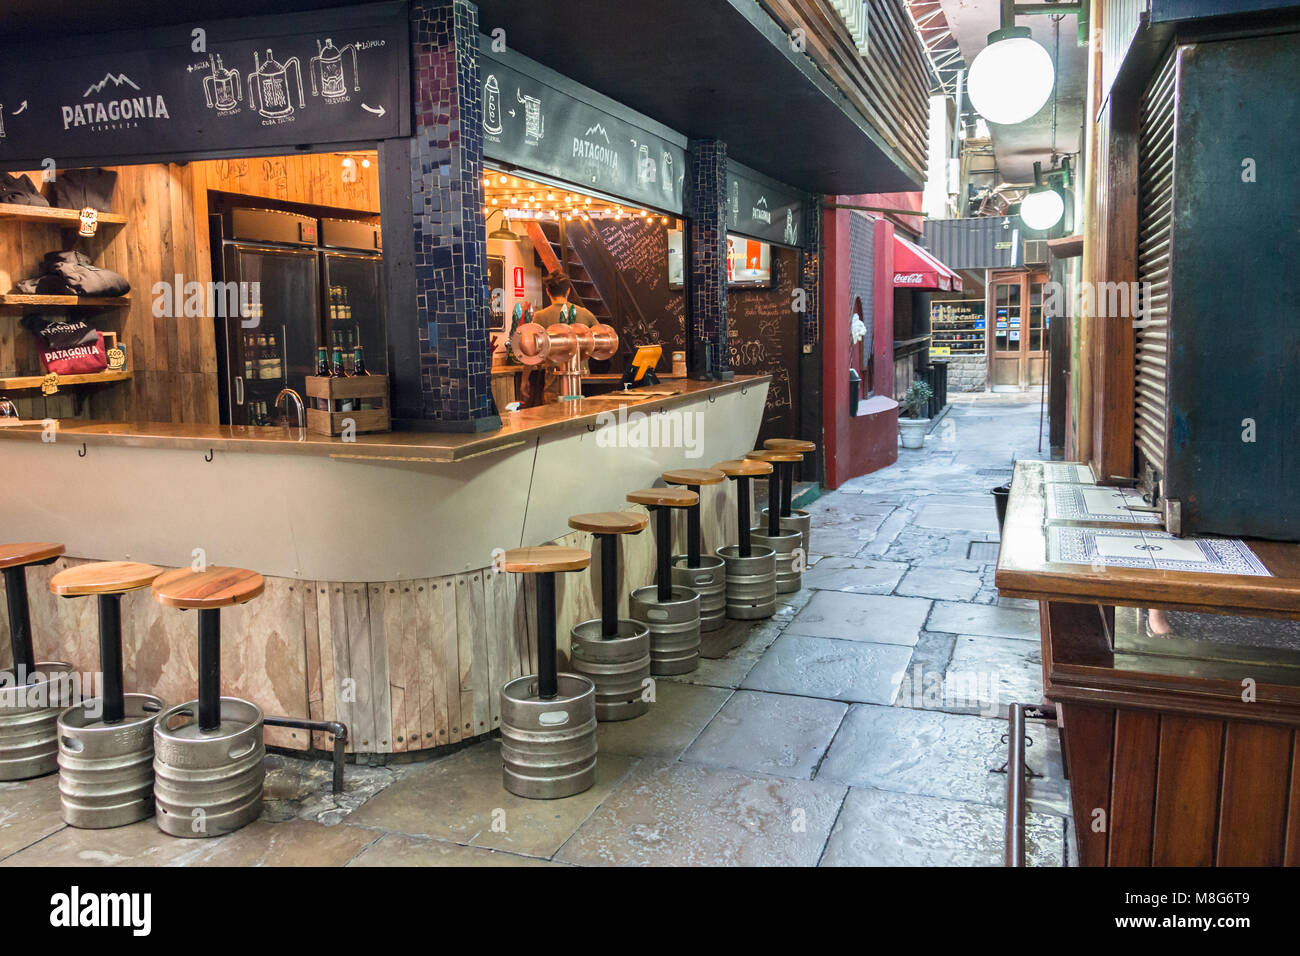 Montevideo, Uruguay - 25 Février 2018: fermé restaurant à l'intérieur du port (marché Photo Stock